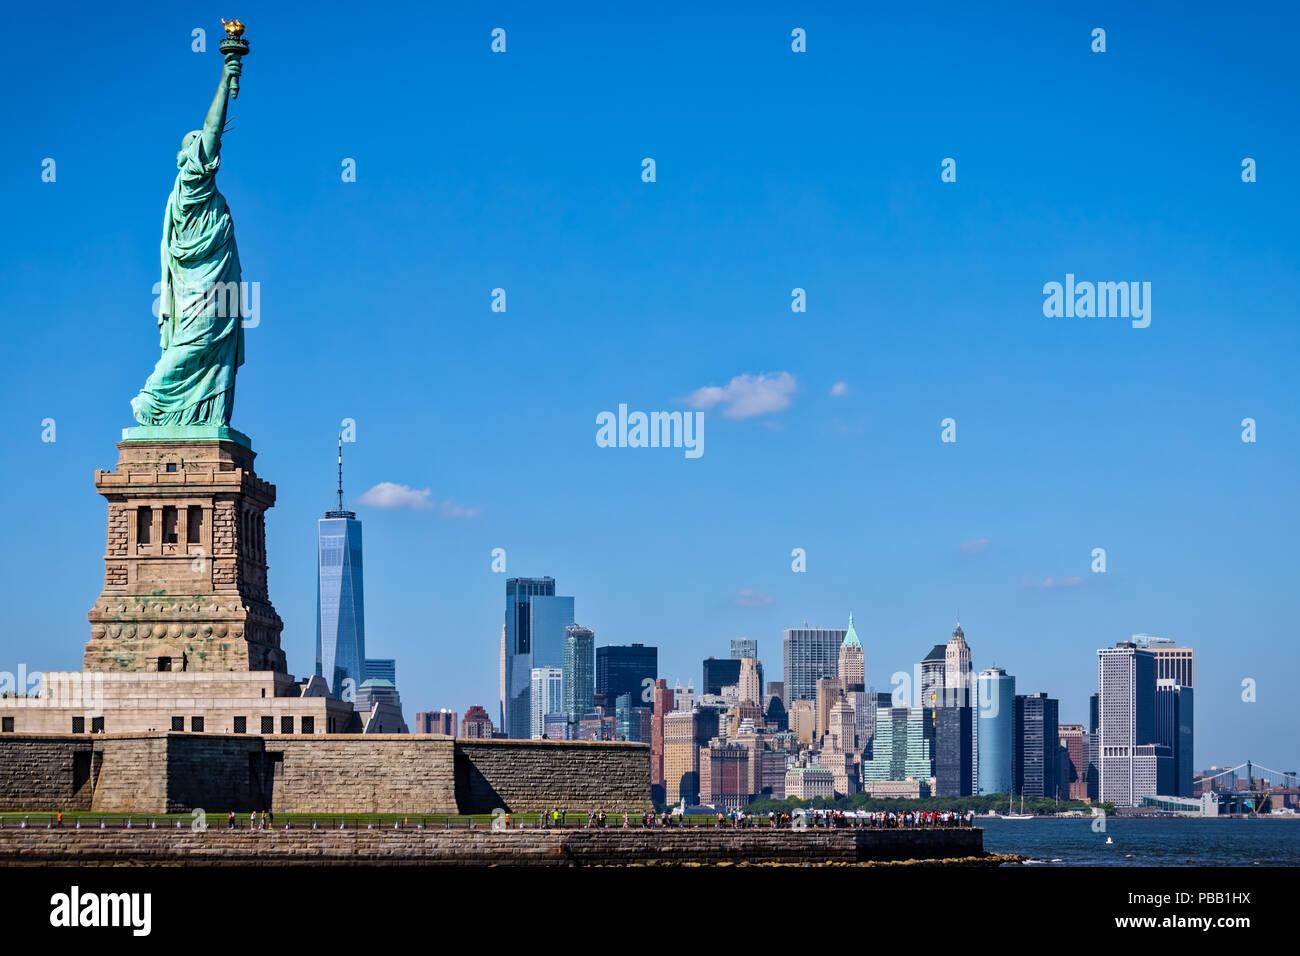 Die Freiheitsstatue in New York City im Hintergrund. Stockbild